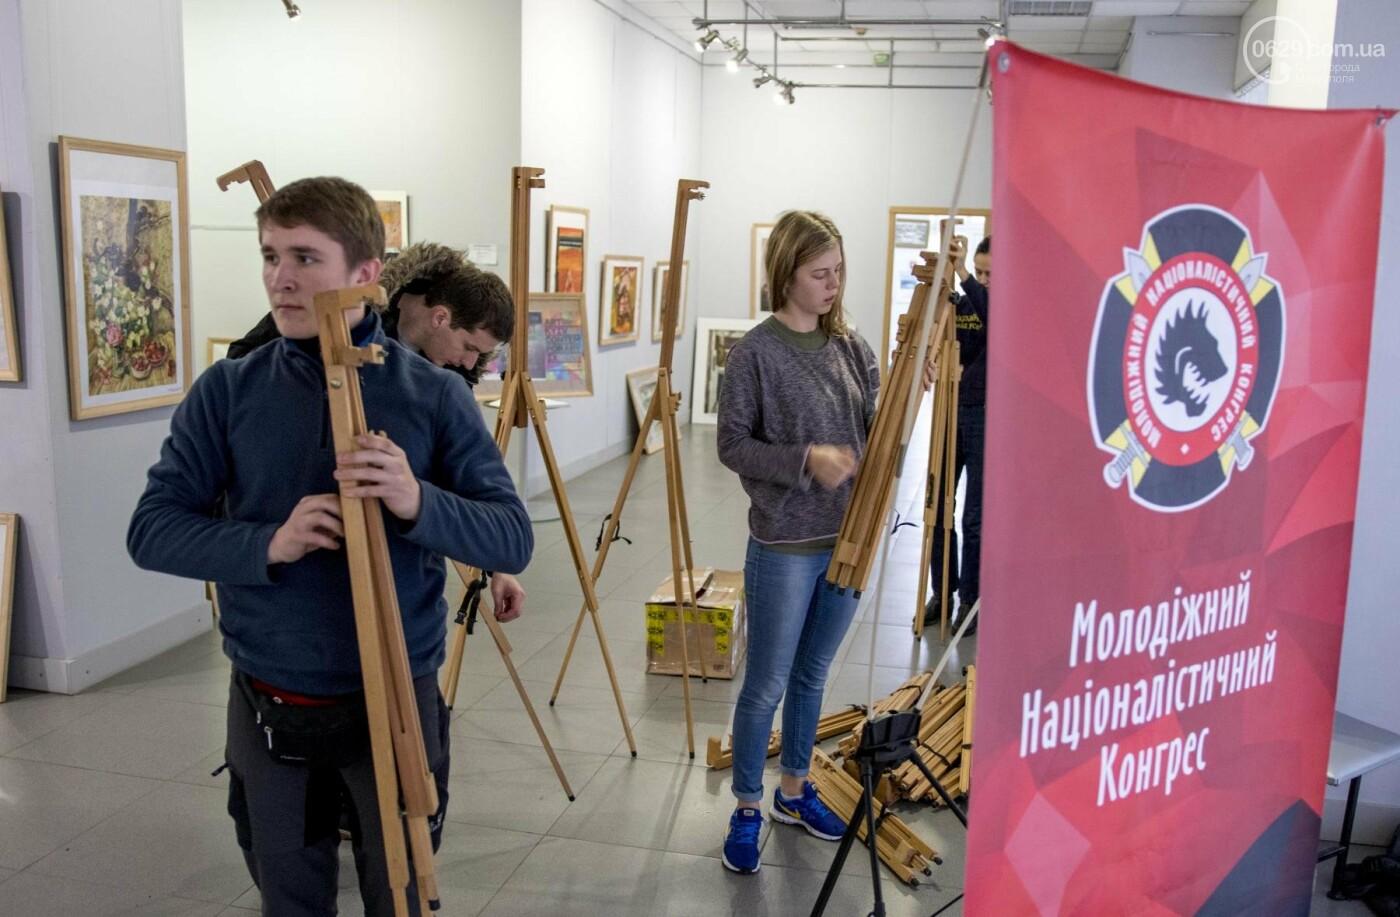 Фотовыставка «Два столетия, одна война»: в Мариуполе провели параллель между войной на Донбассе и борьбой УПА (ФОТО, ВИДЕО), фото-5